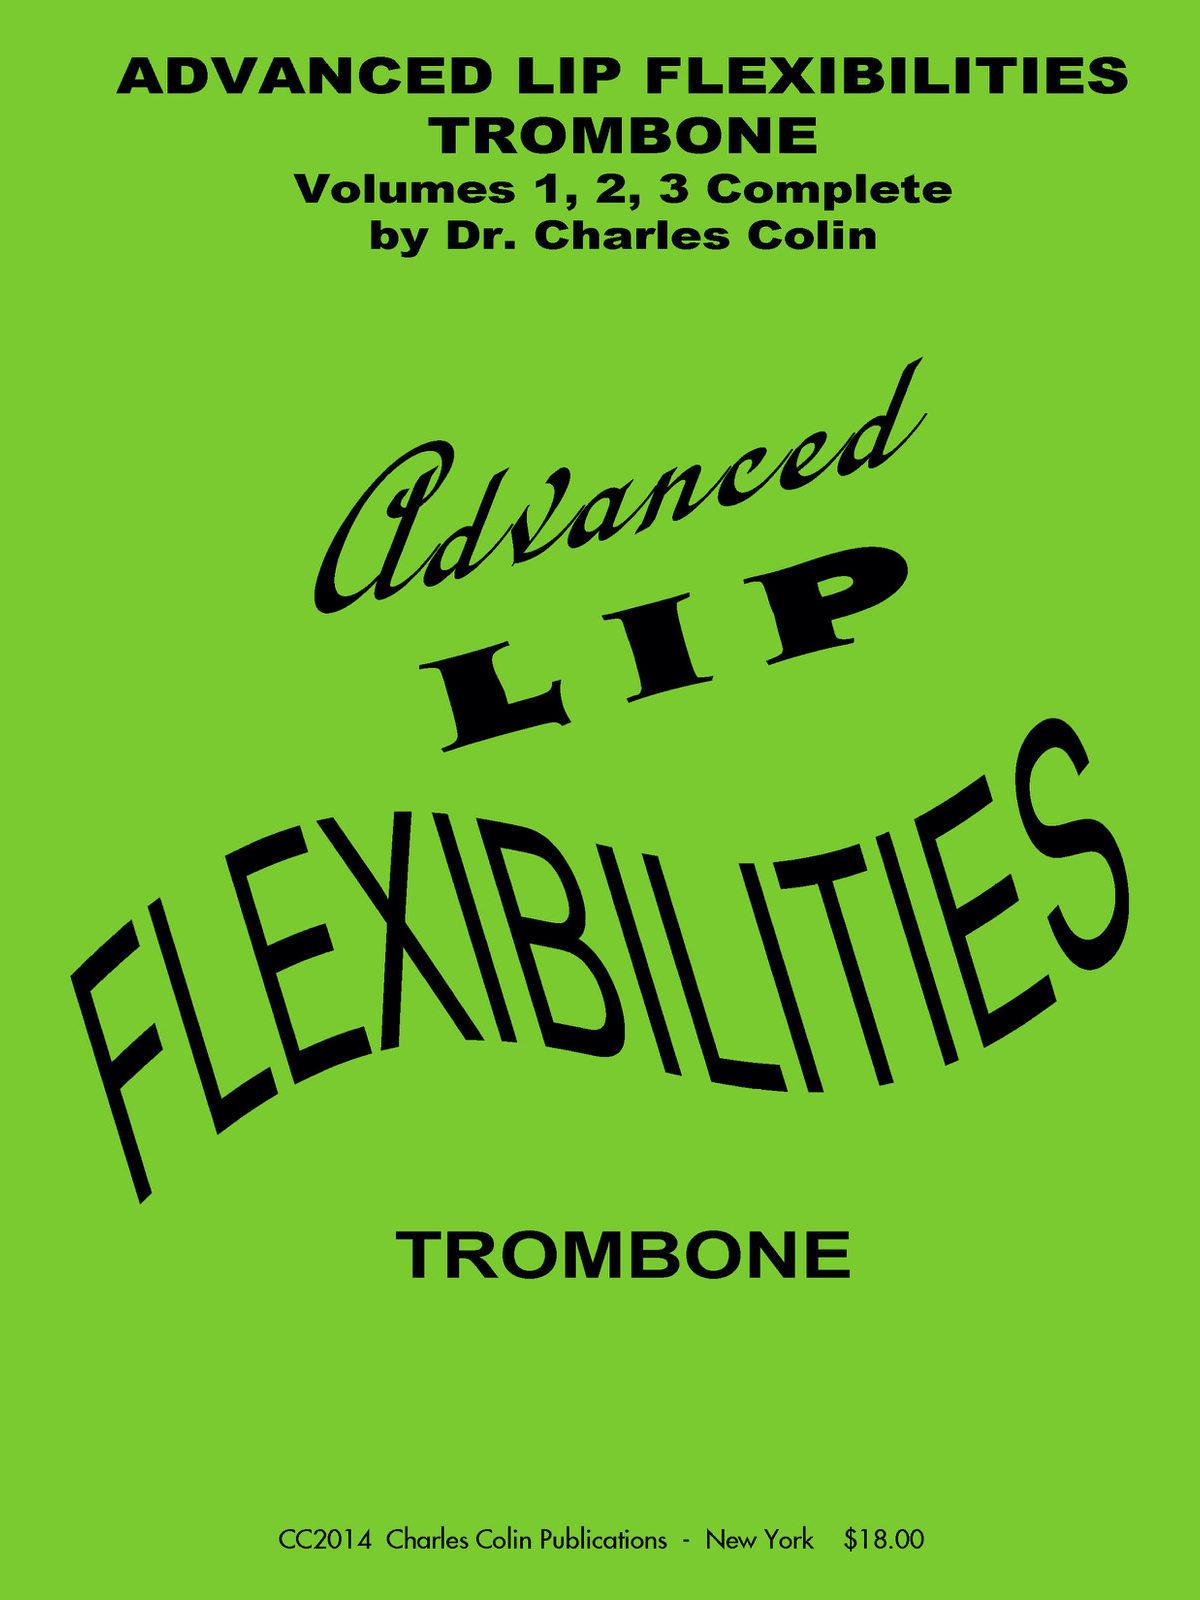 colin-advanced-lip-flexibilities-for-trombone